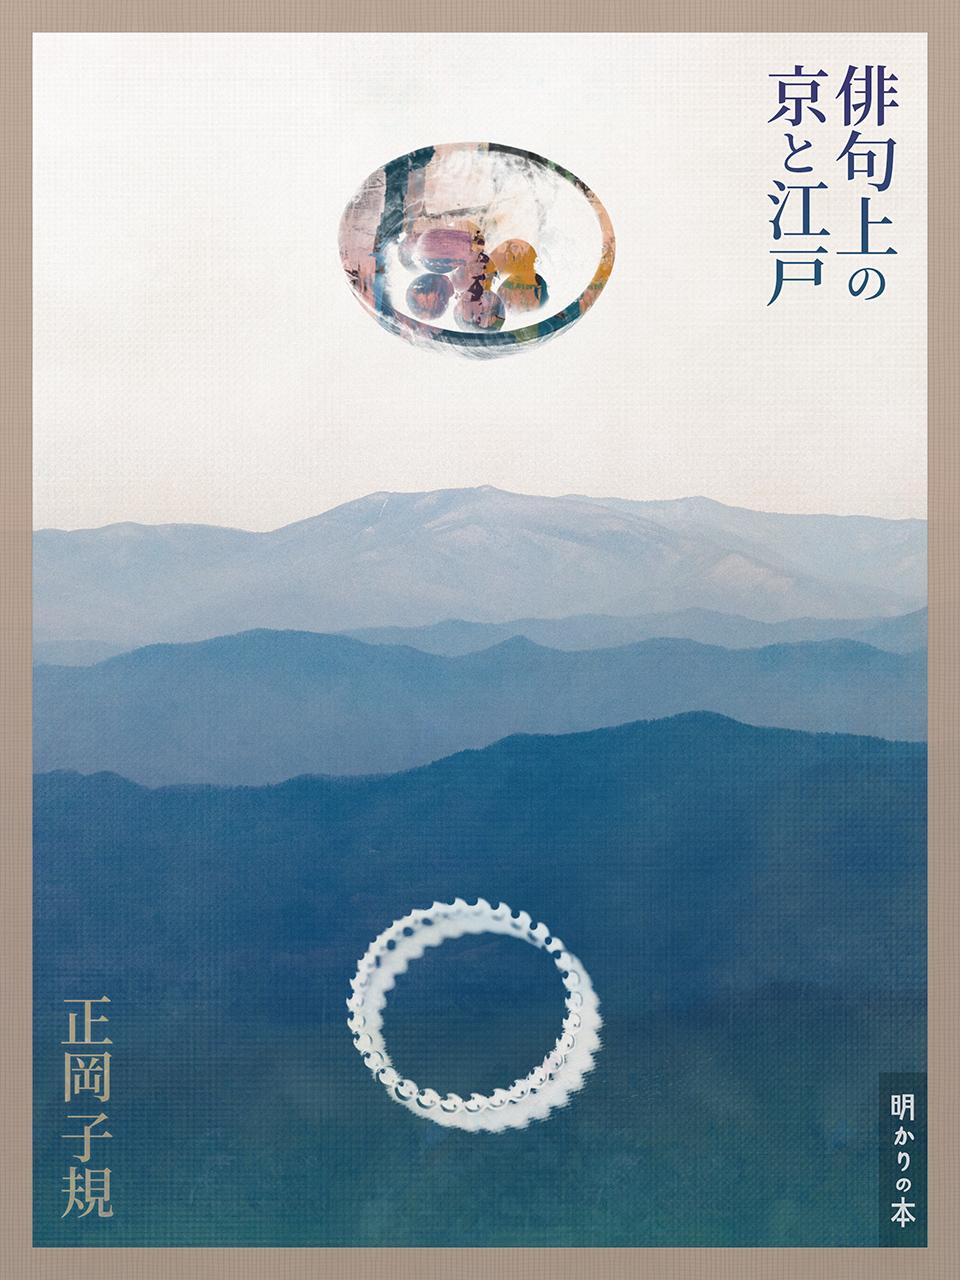 0000 - 俳句上の京と江戸 正岡子規